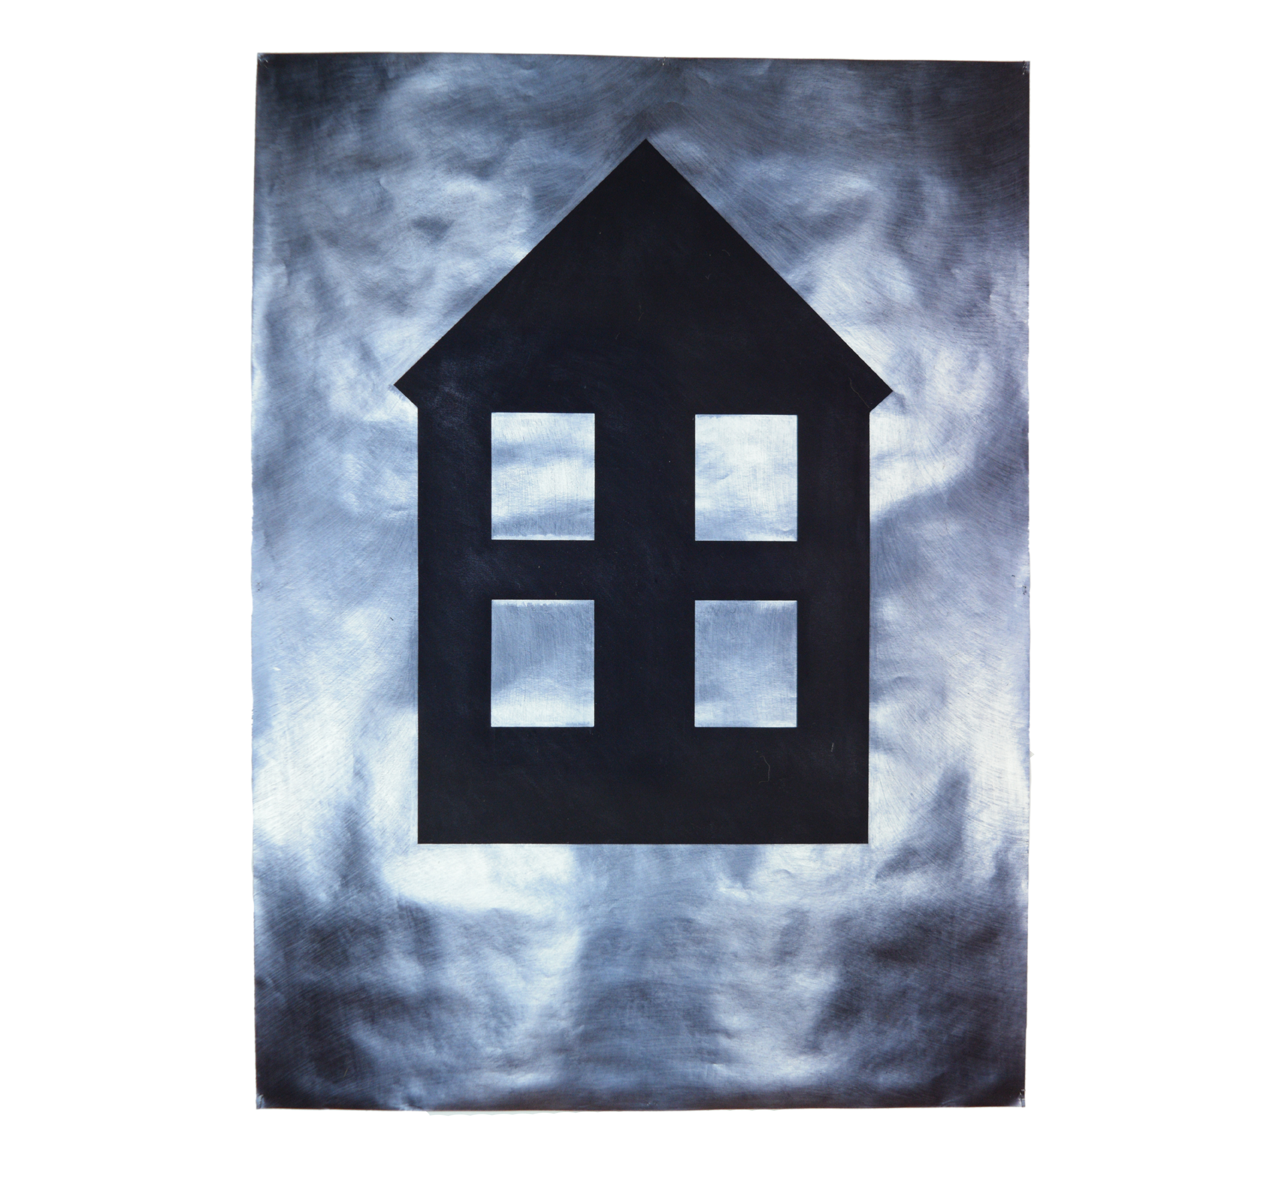 """""""Hauszeichnung"""" 1981, Kohle und Graphitstift auf Papier, 157 x 115 cm - Sammlung Michael Tilman - Foto Stephan Hadler"""